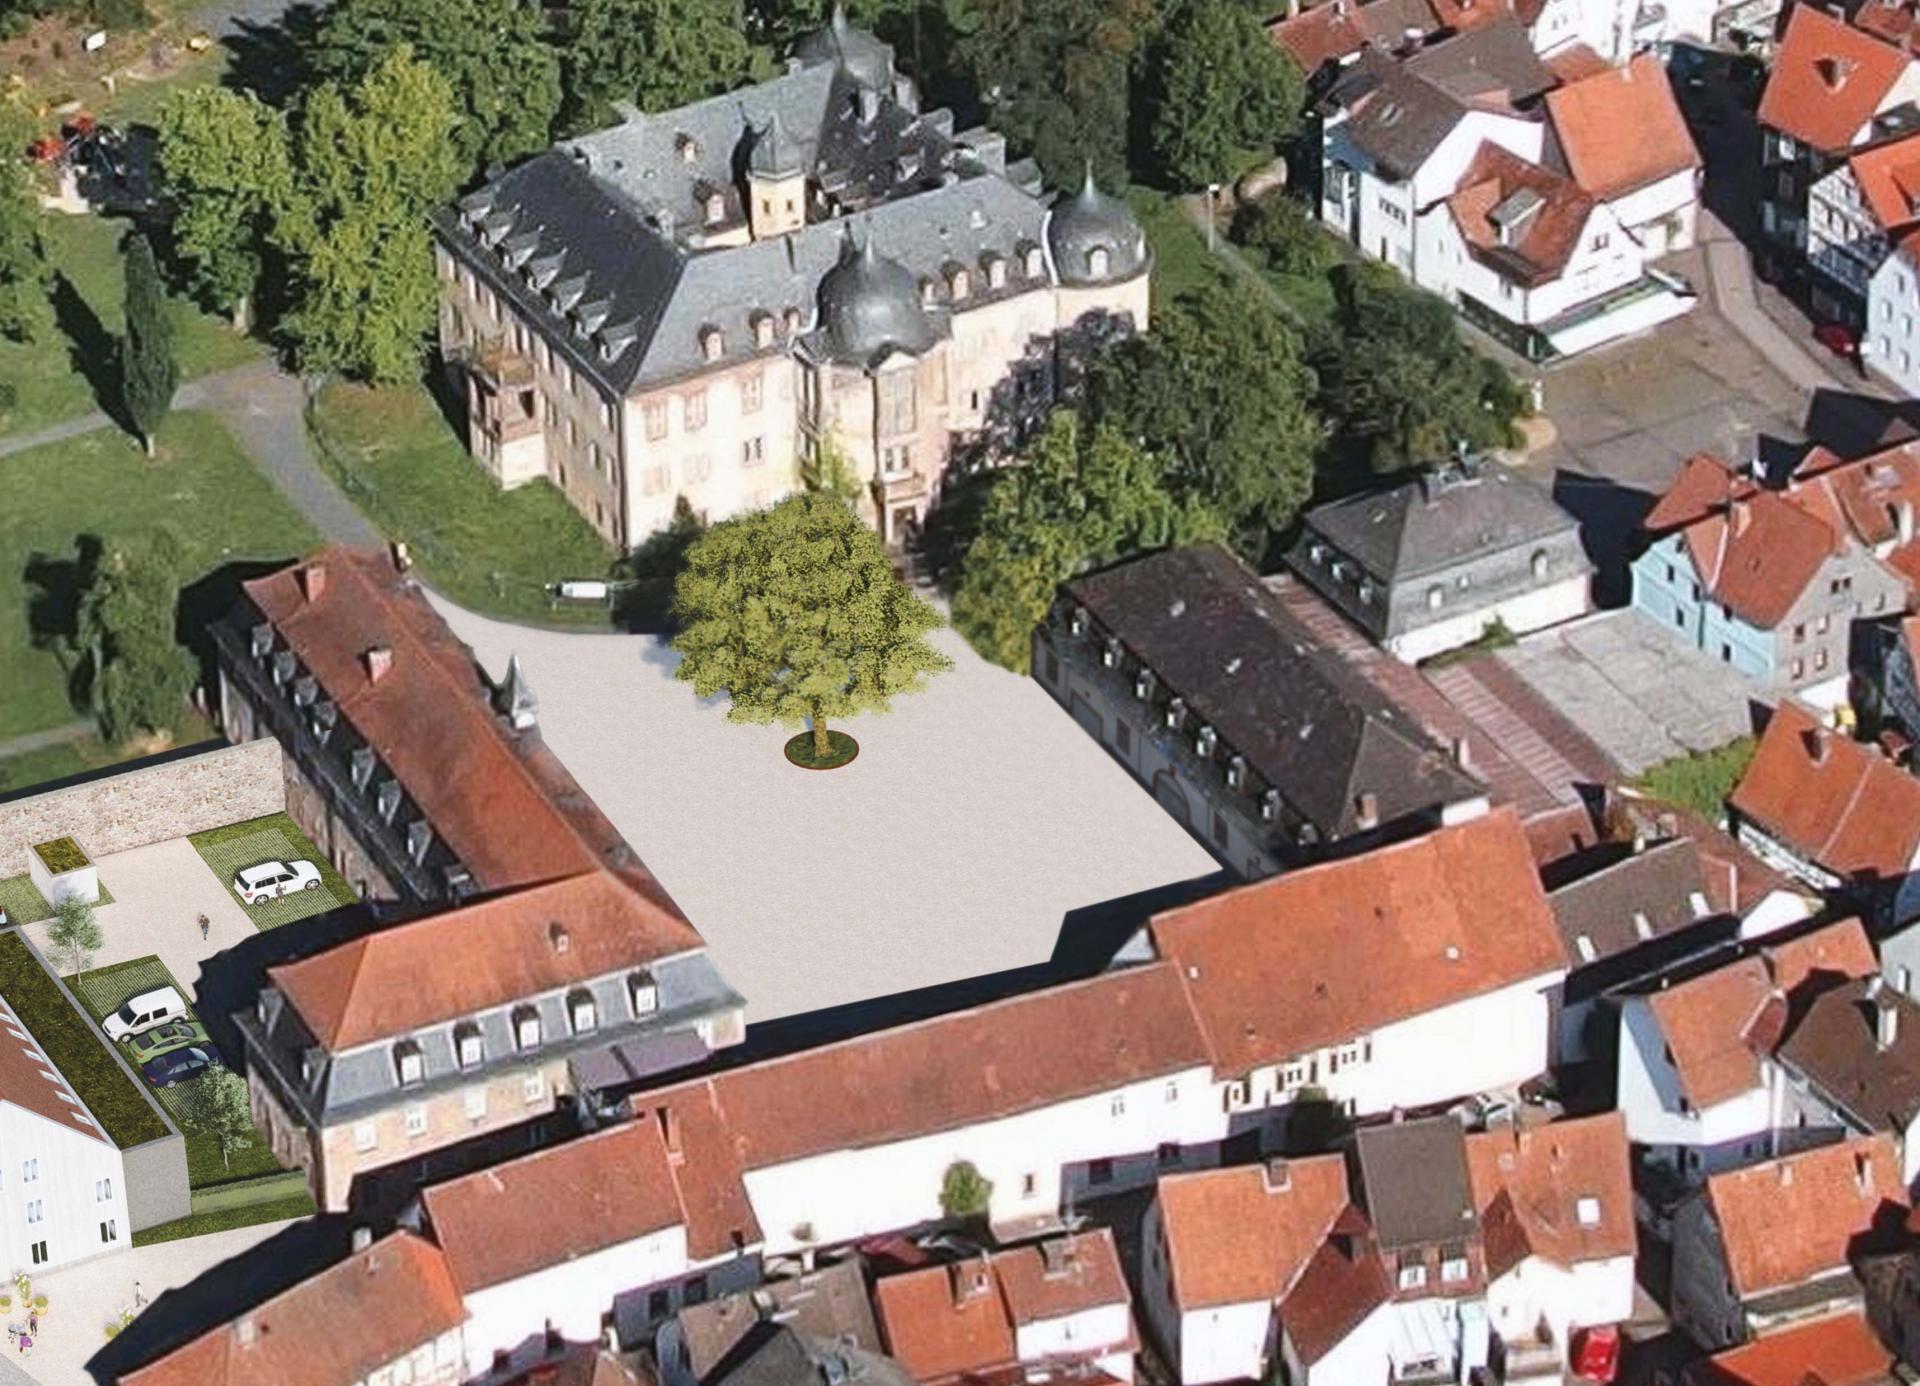 Schlosshof als neuer öffentlicher Ort